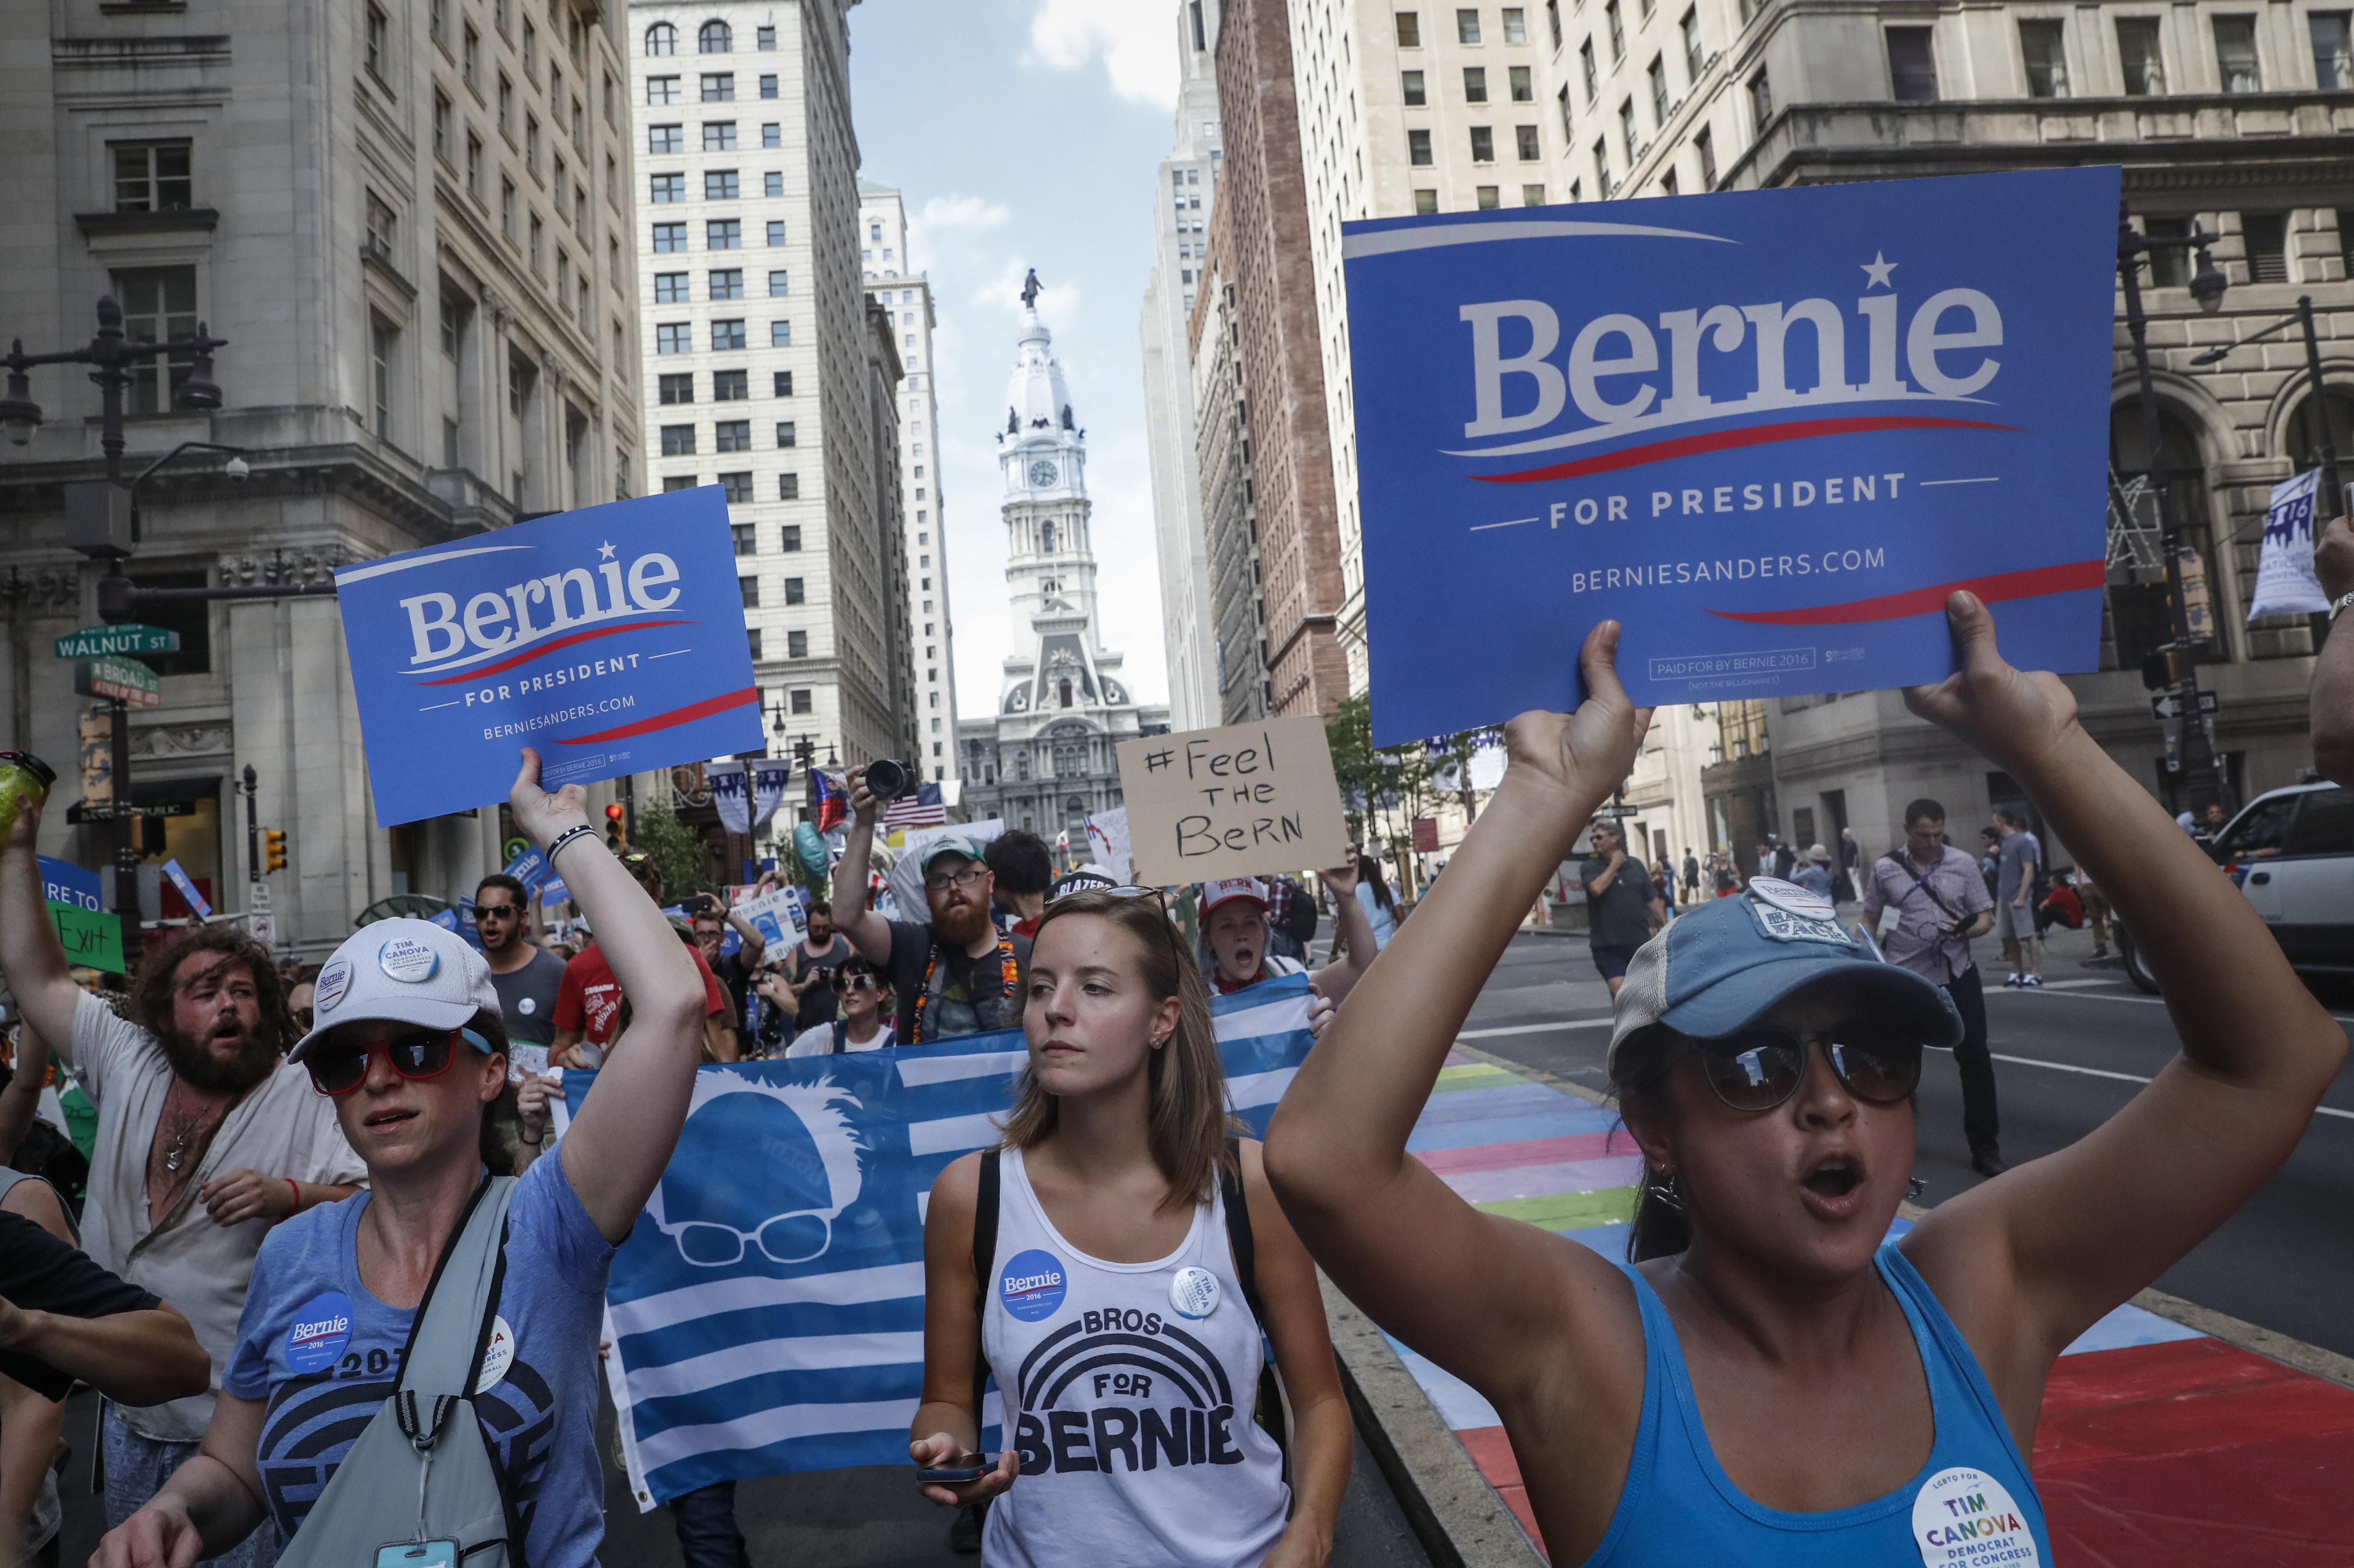 La manifestation des partisans de Bernie Sanders à Philadelhie